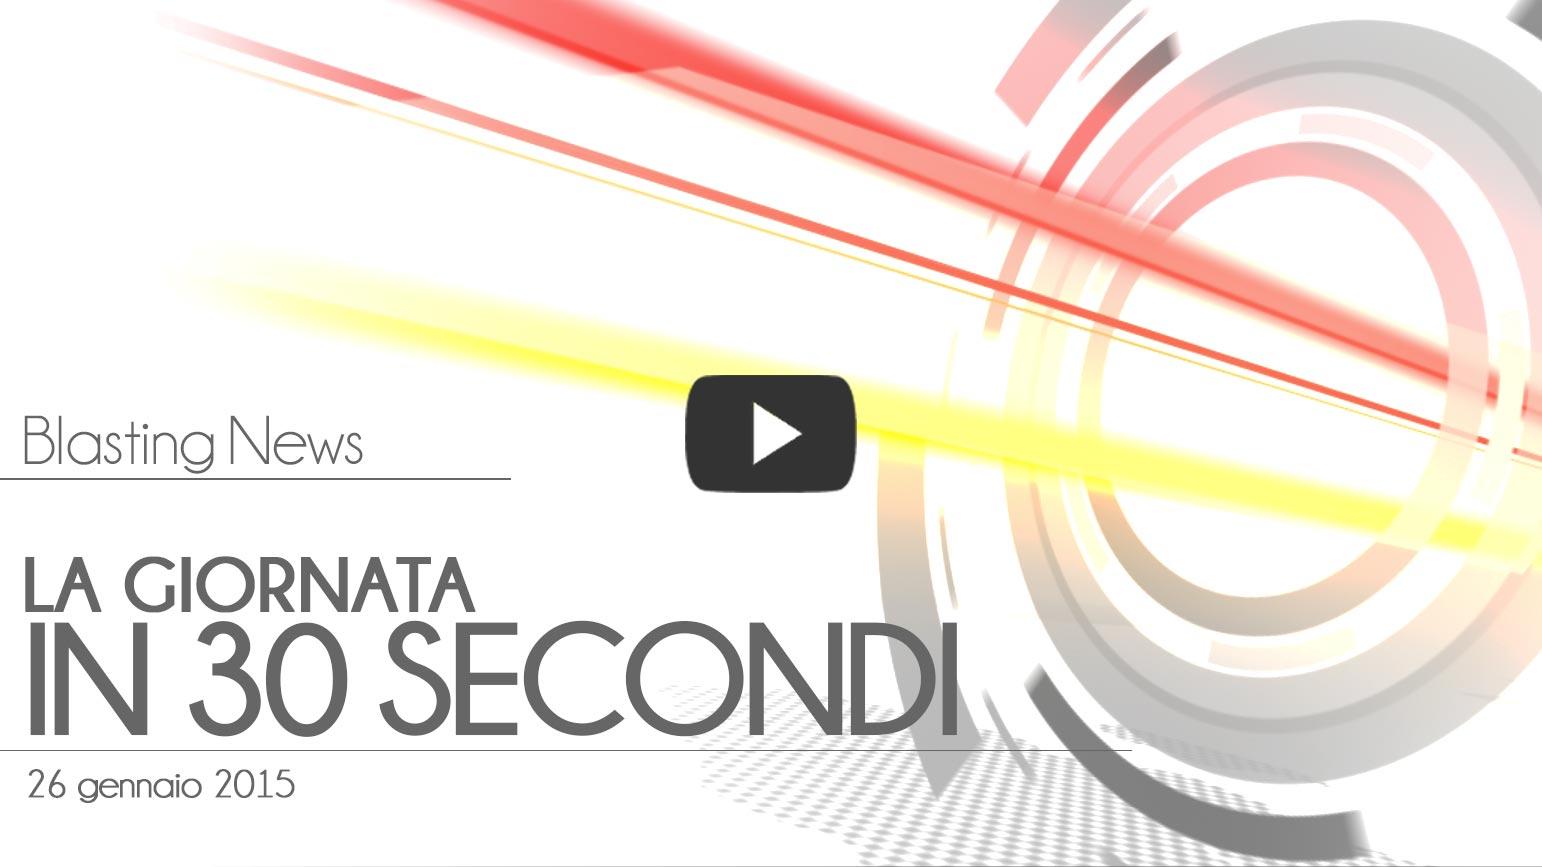 La giornata in 30 secondi - 26 gennaio 2015